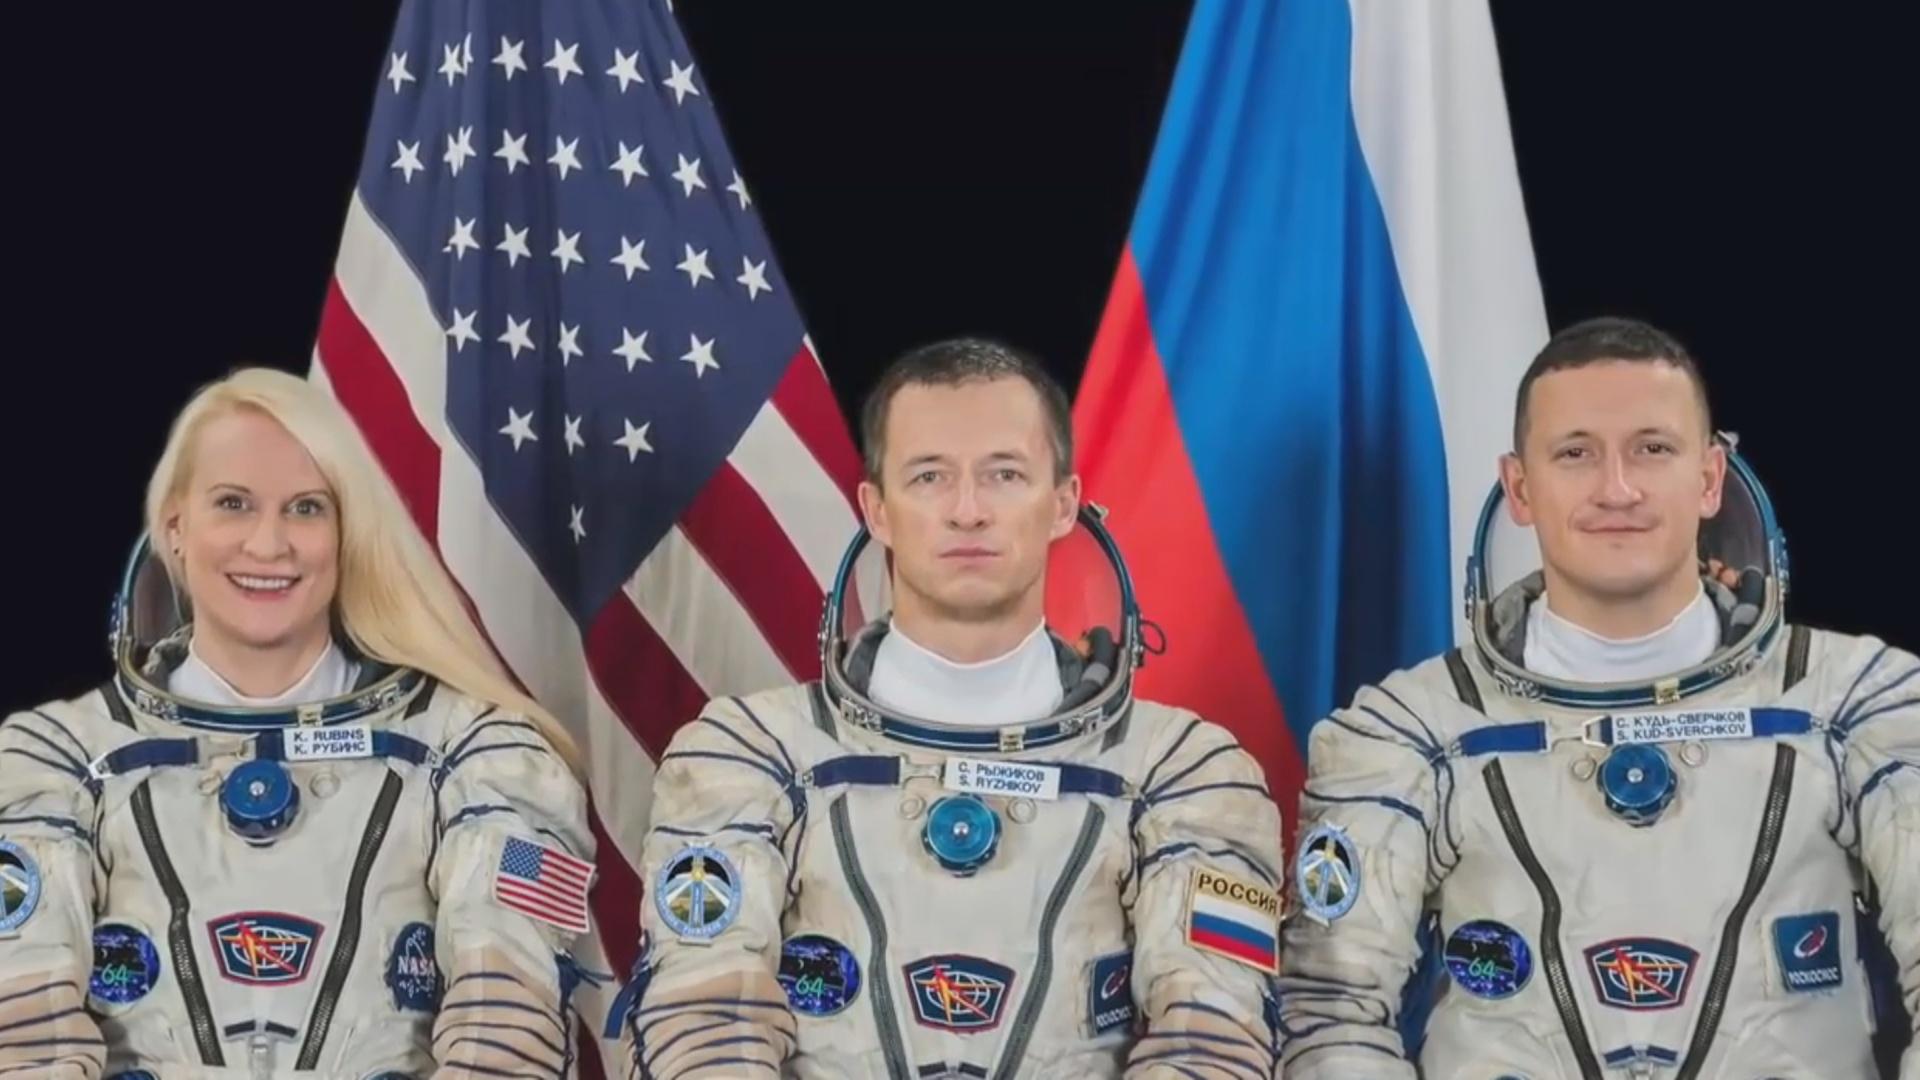 Kosmosda 6 ay qalan 3 kosmonavt Yerə qayıdıb